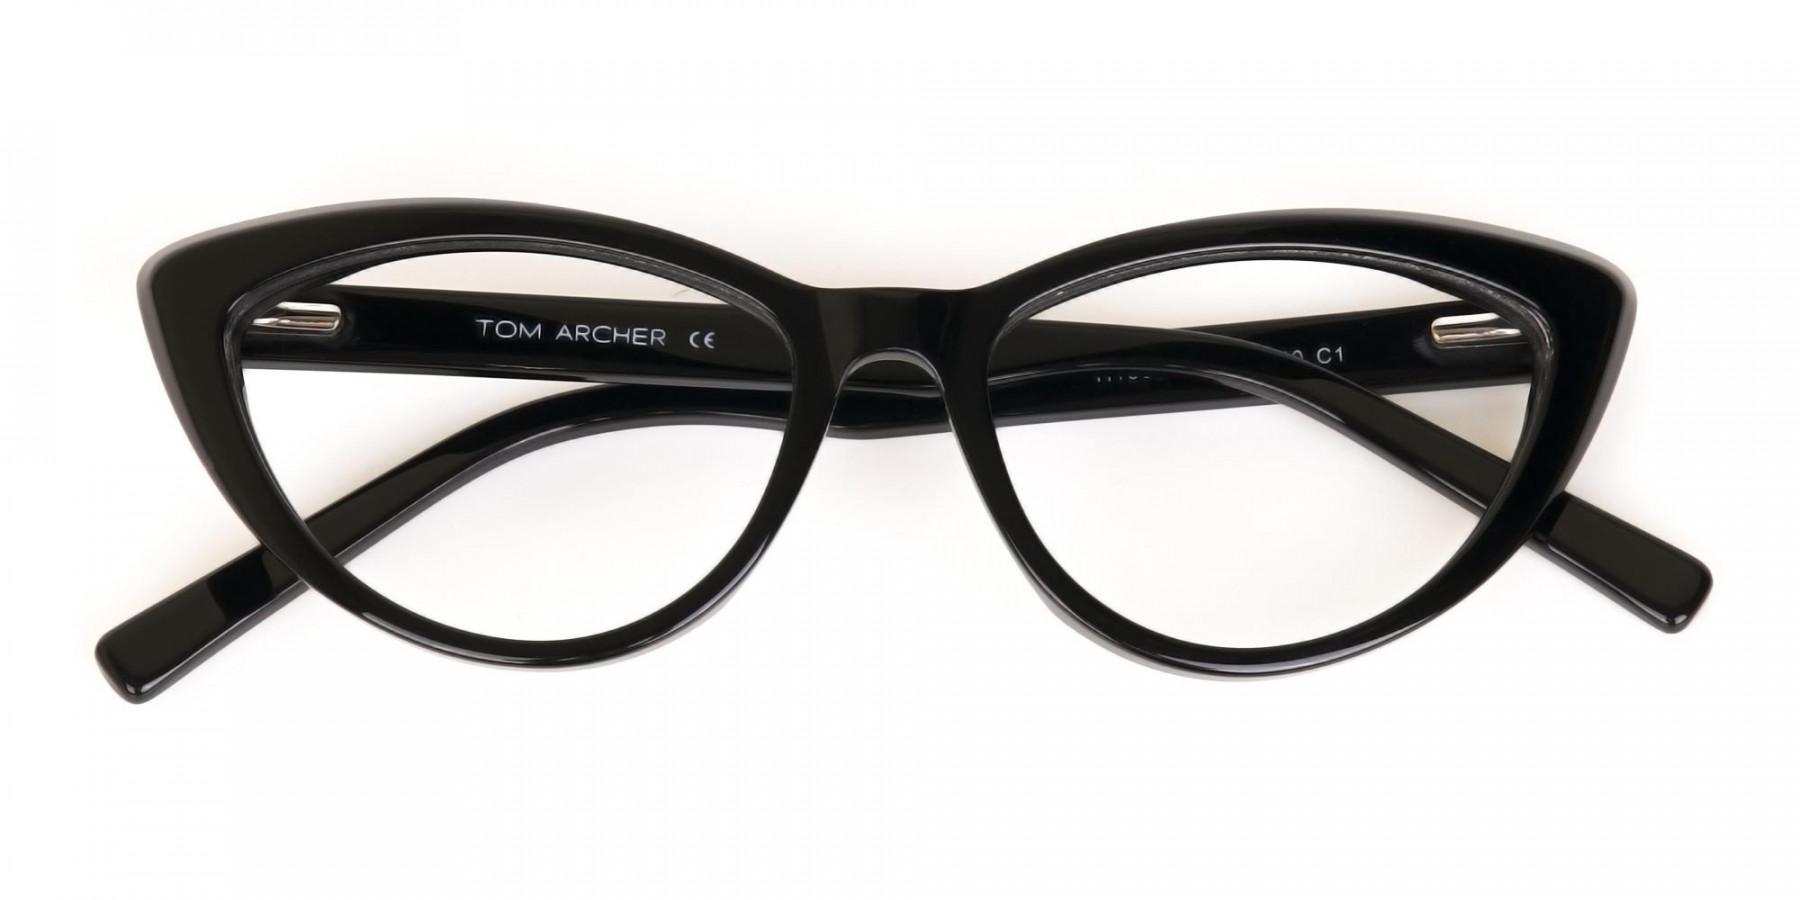 Black Cat Eye Glasses Frame For Women-1